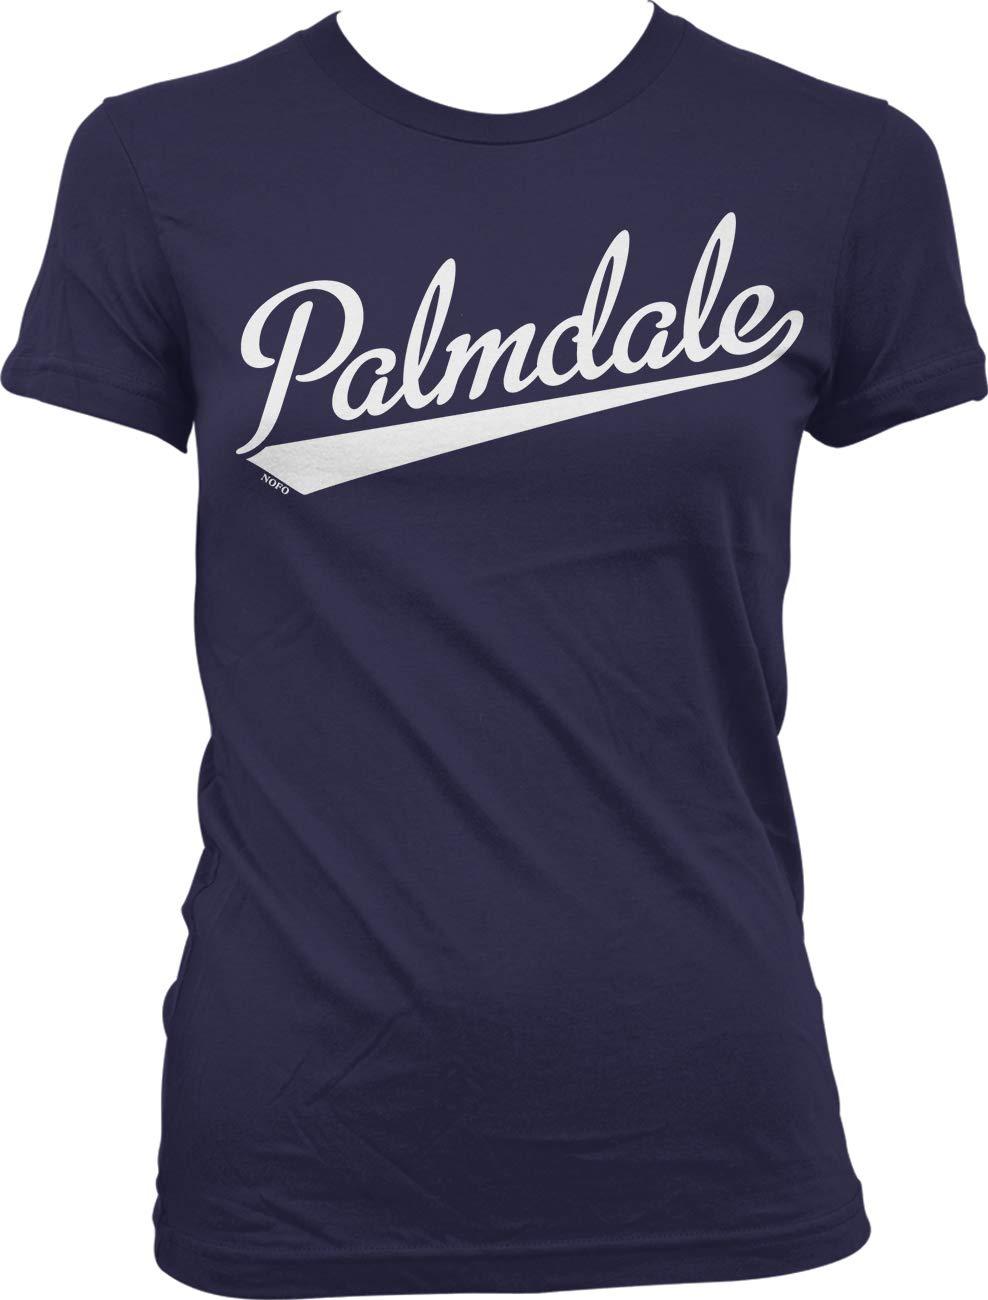 Palmdale Tshirt